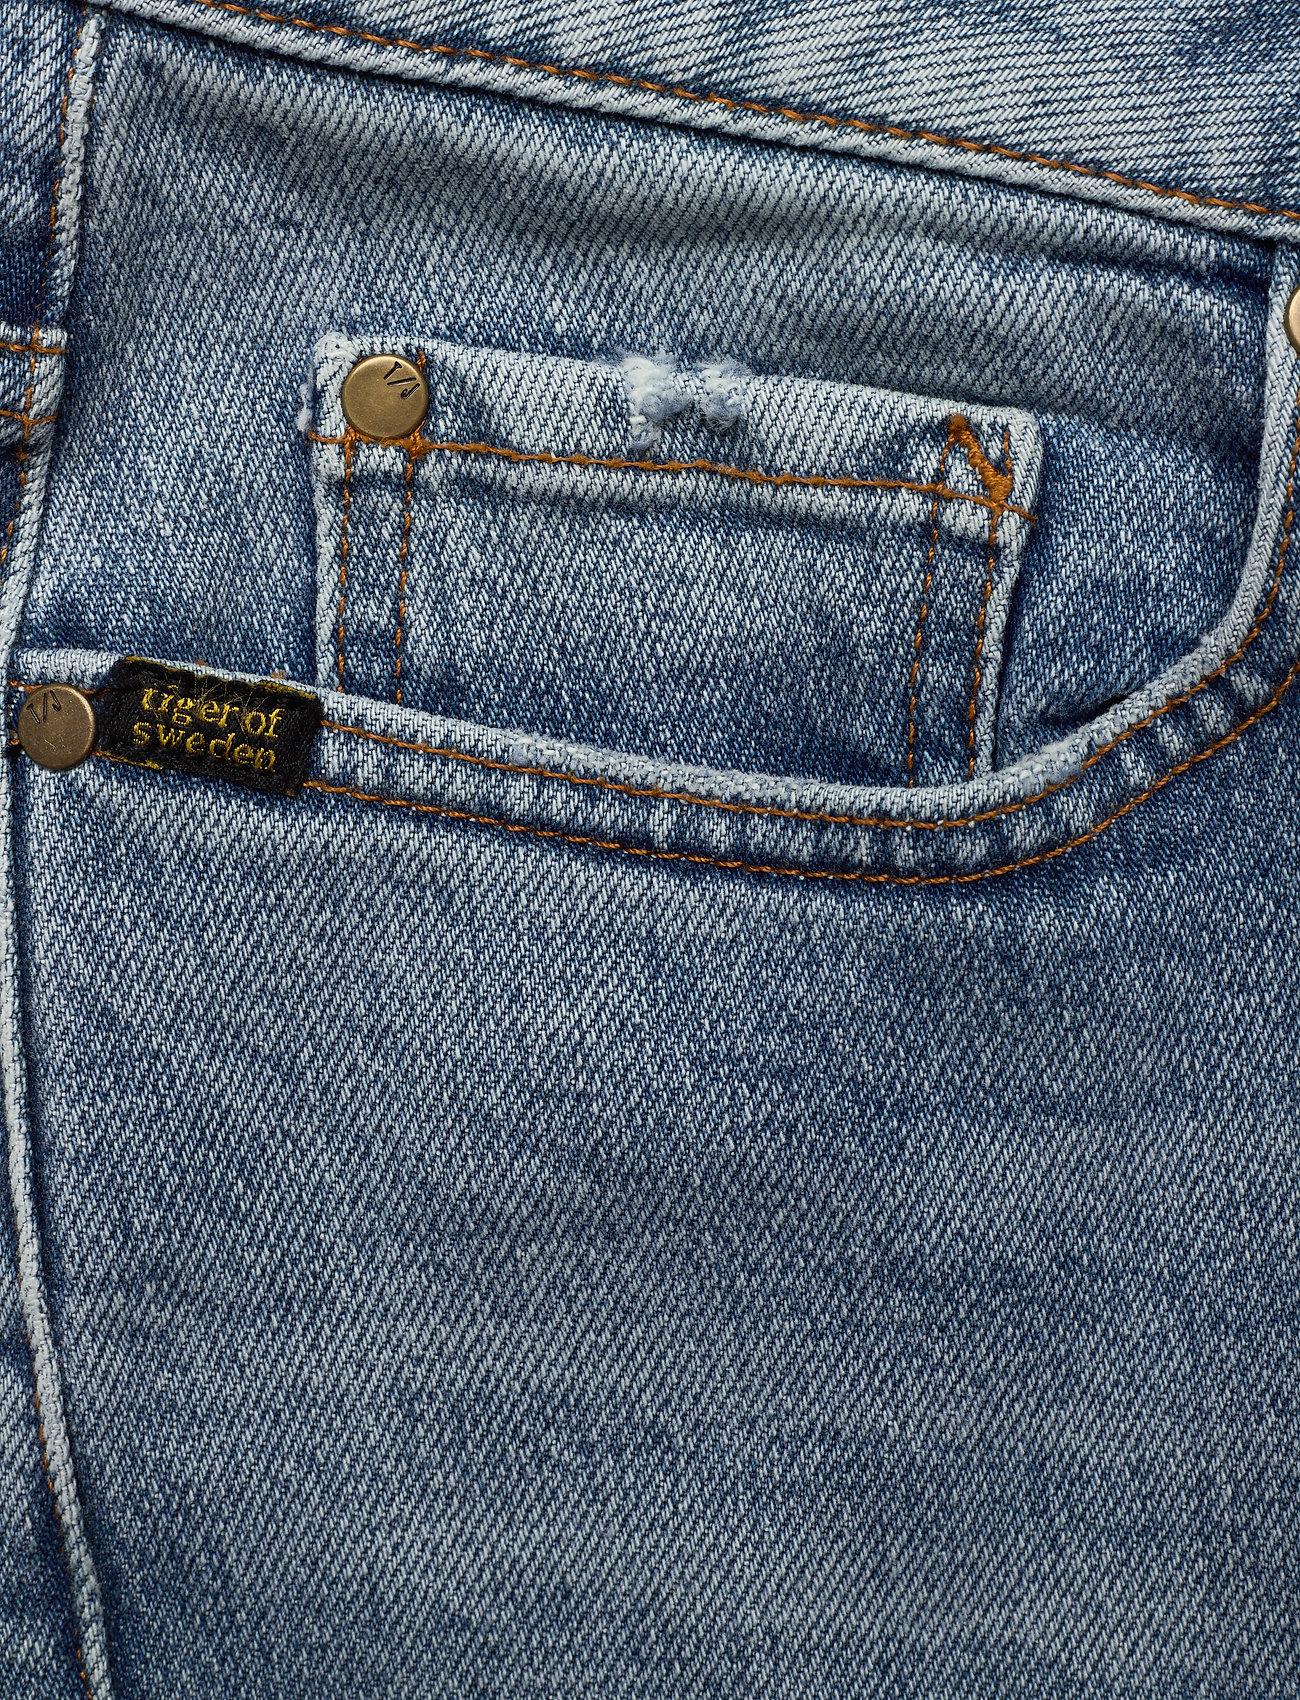 Tiger of Sweden Jeans MEG - Jeans LIGHT BLUE - Dameklær Spesialtilbud